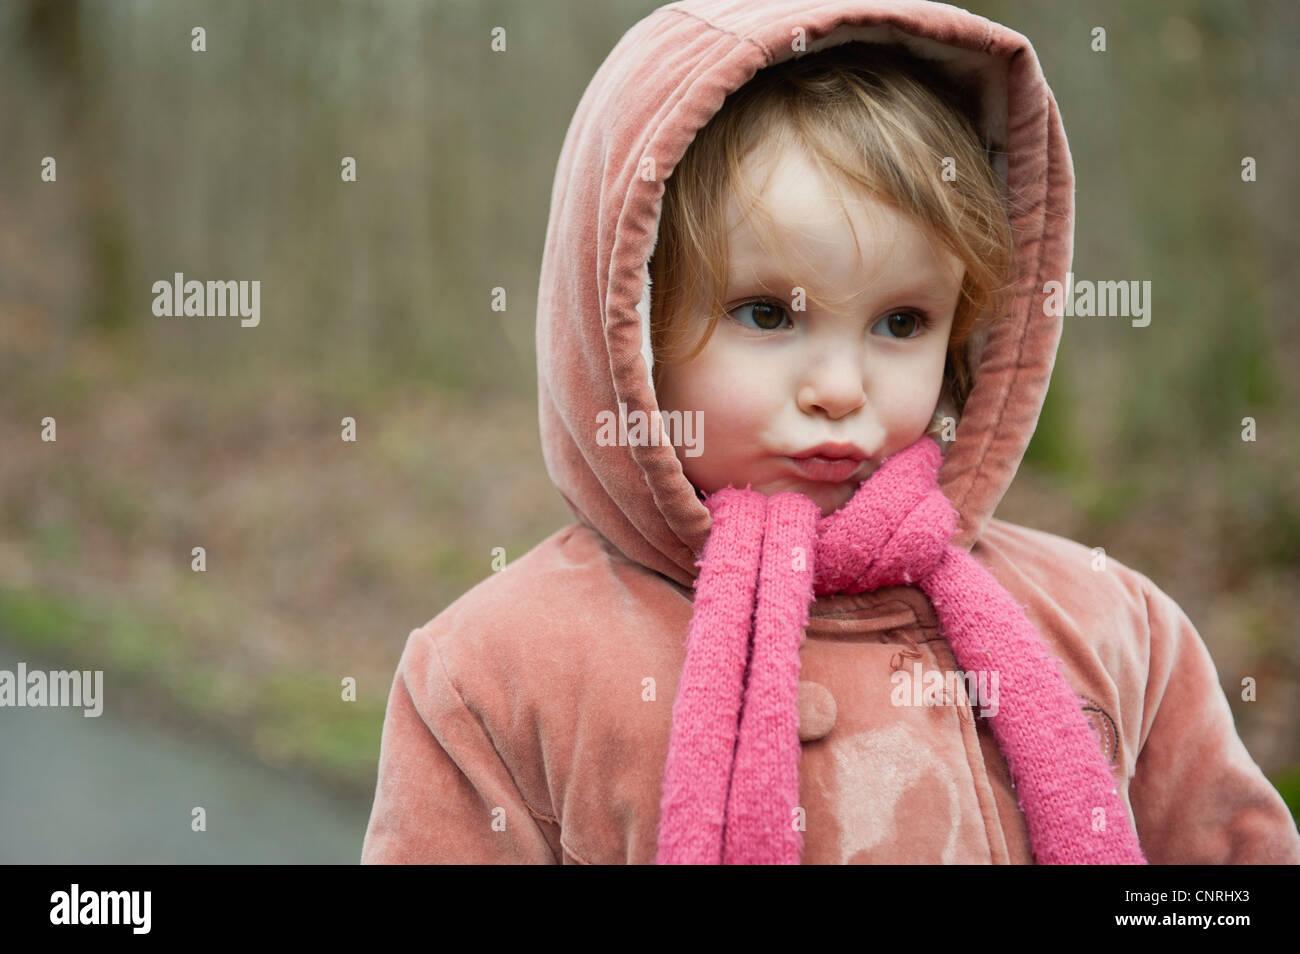 Little girl making face, portrait - Stock Image